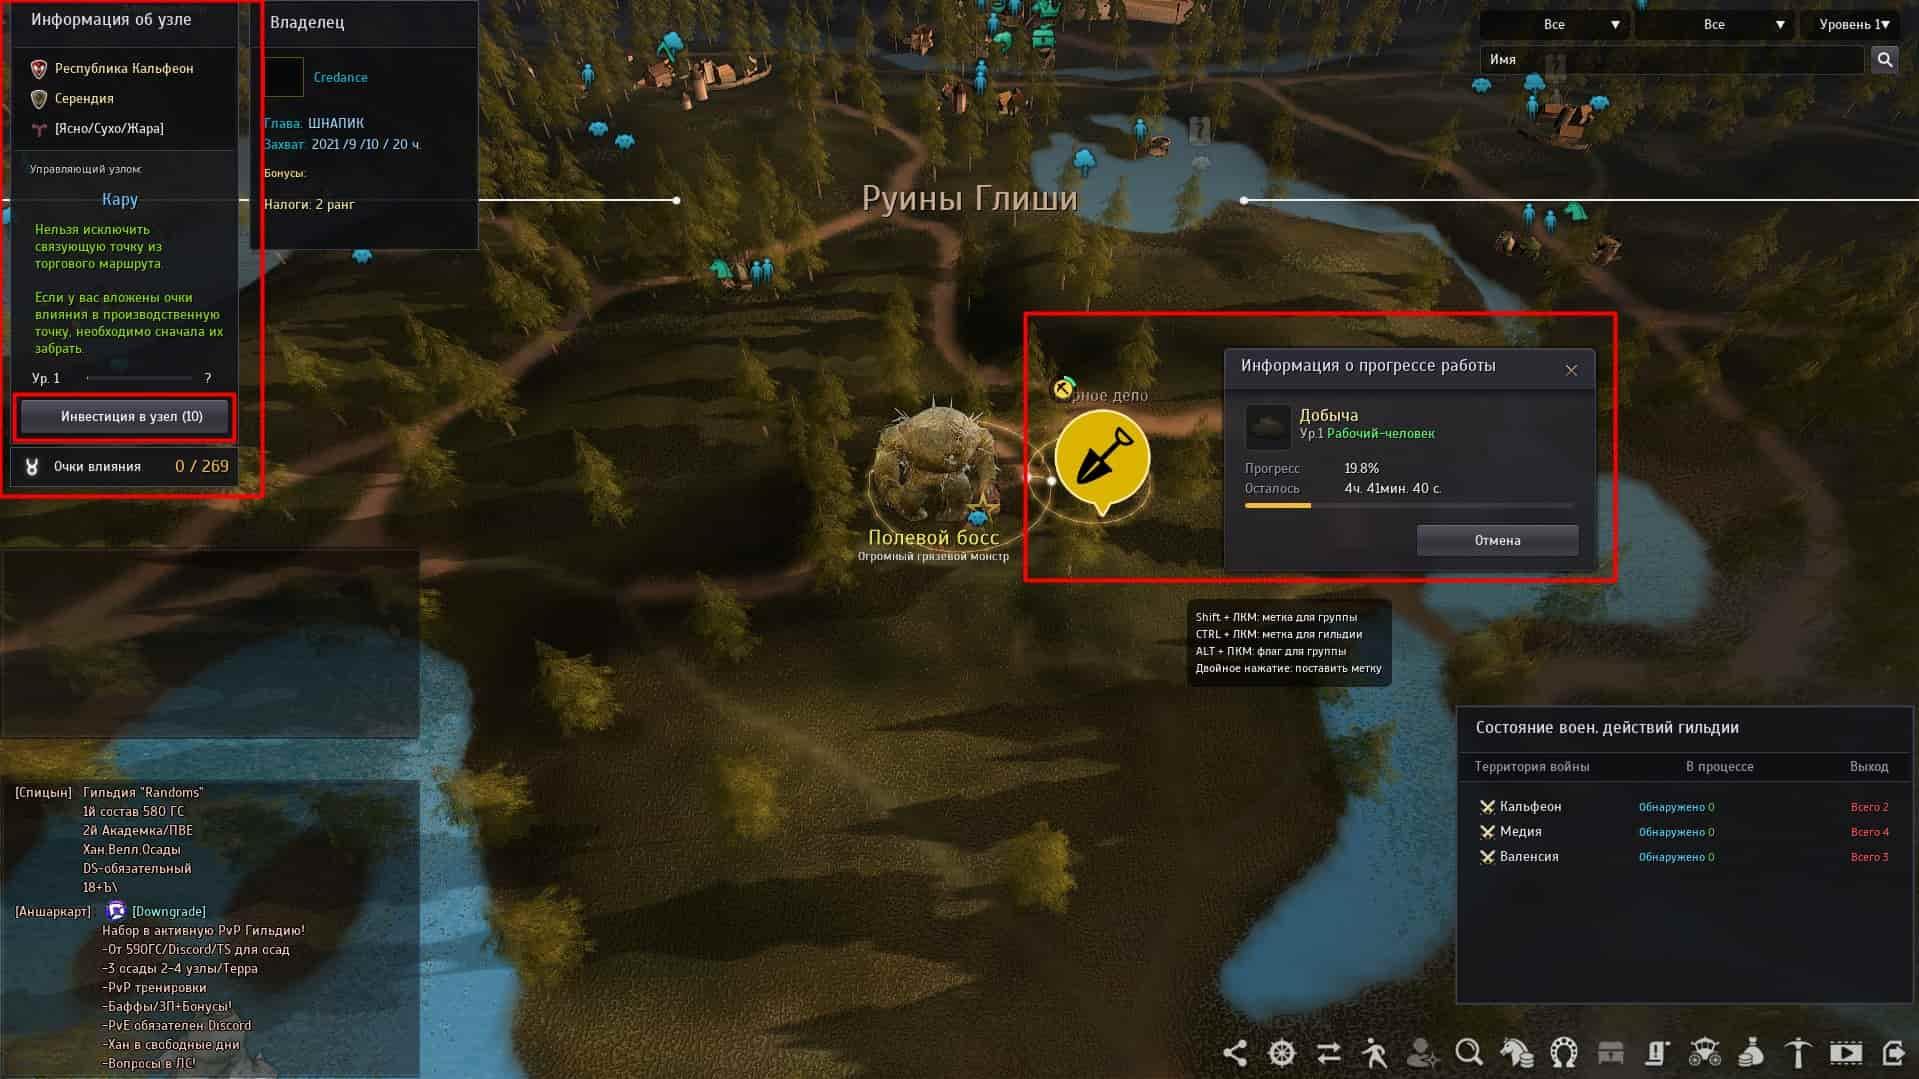 Как соединить узлы в Black Desert Online (БДО)